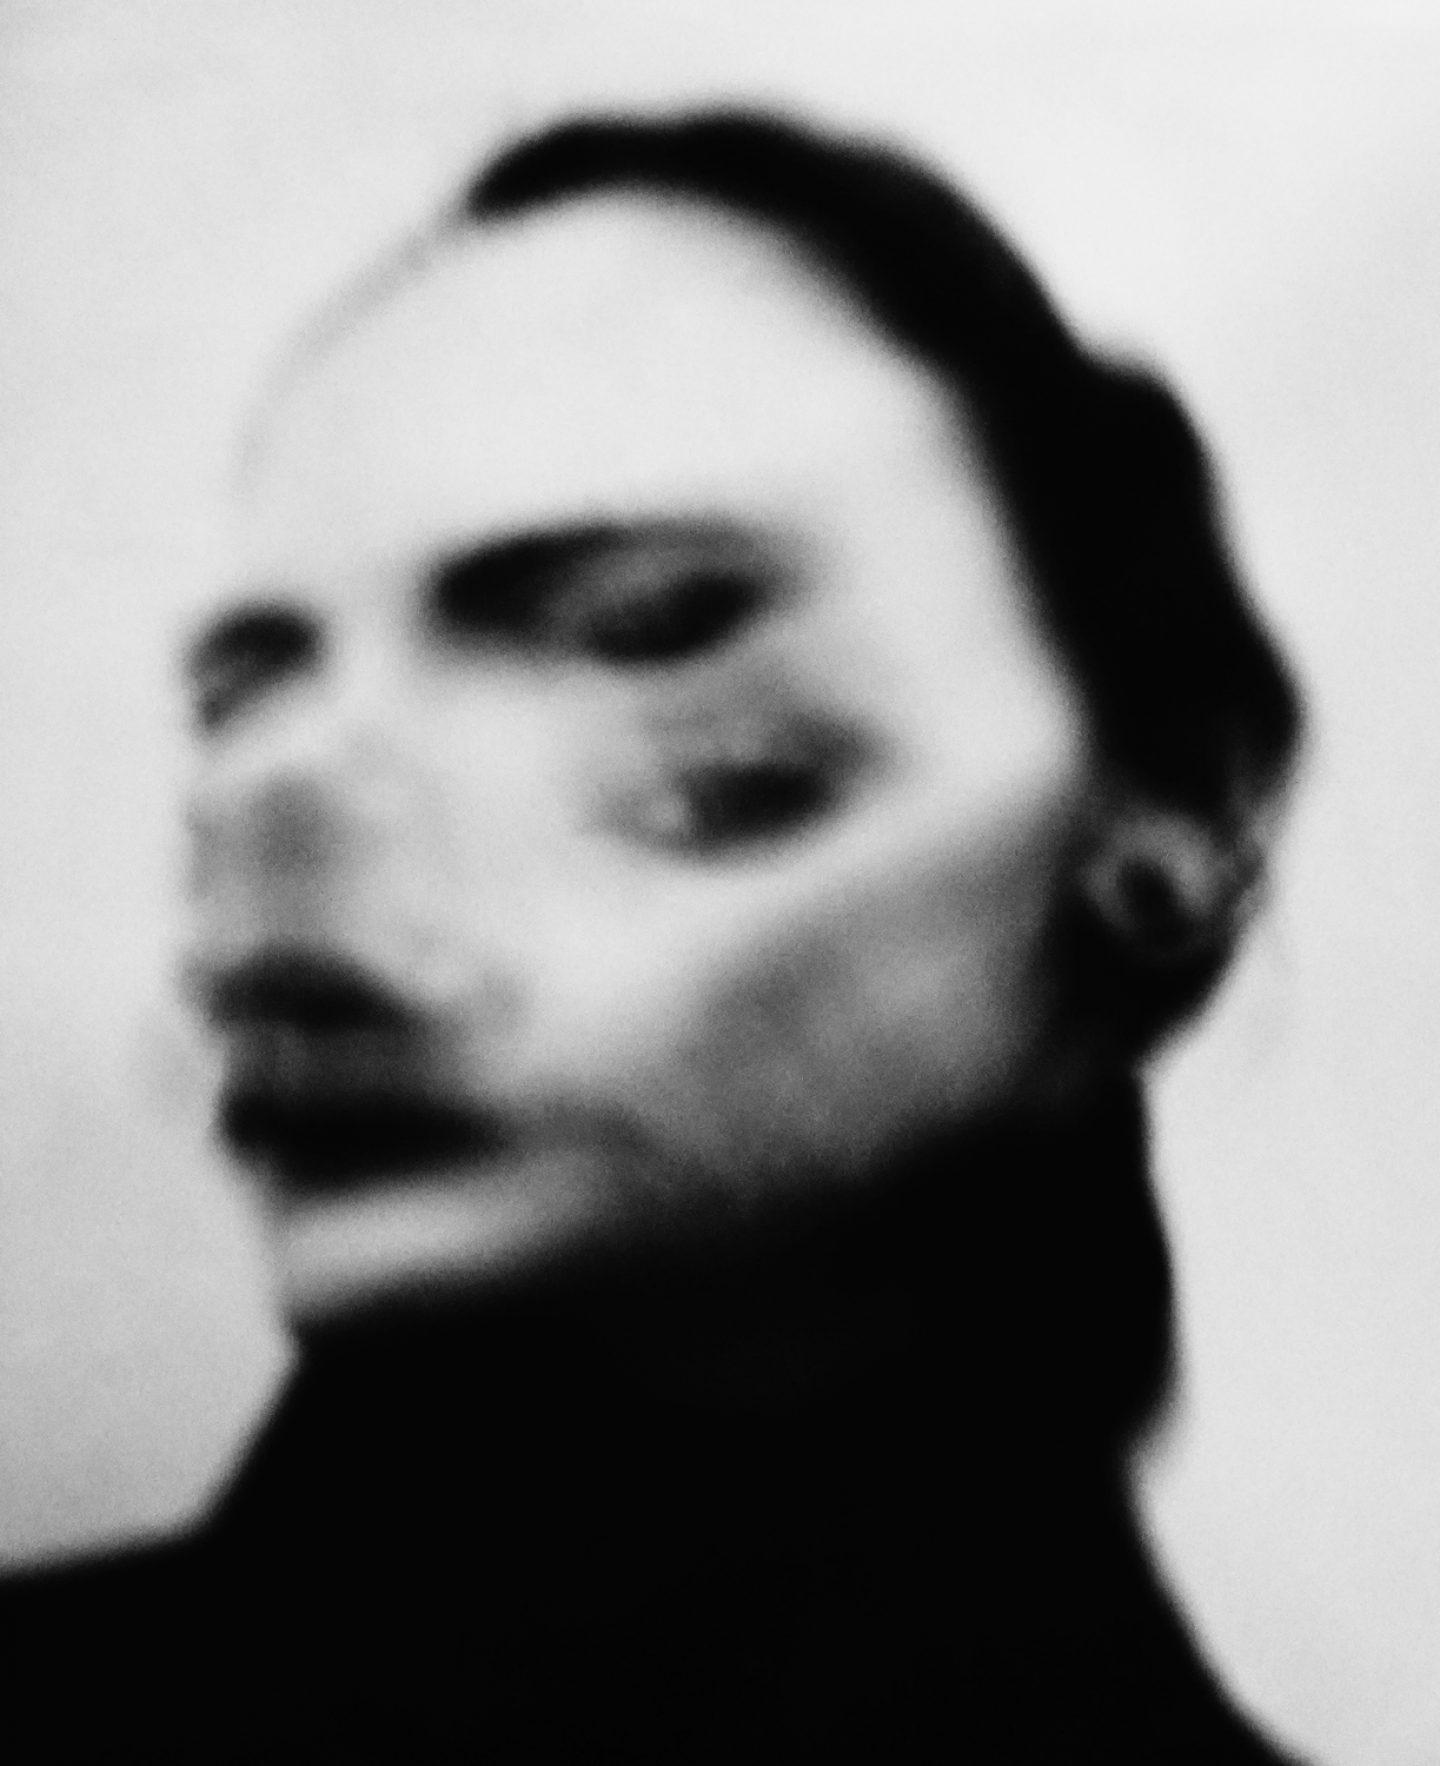 IGNANT-Photography-Jack-Davison-New-05